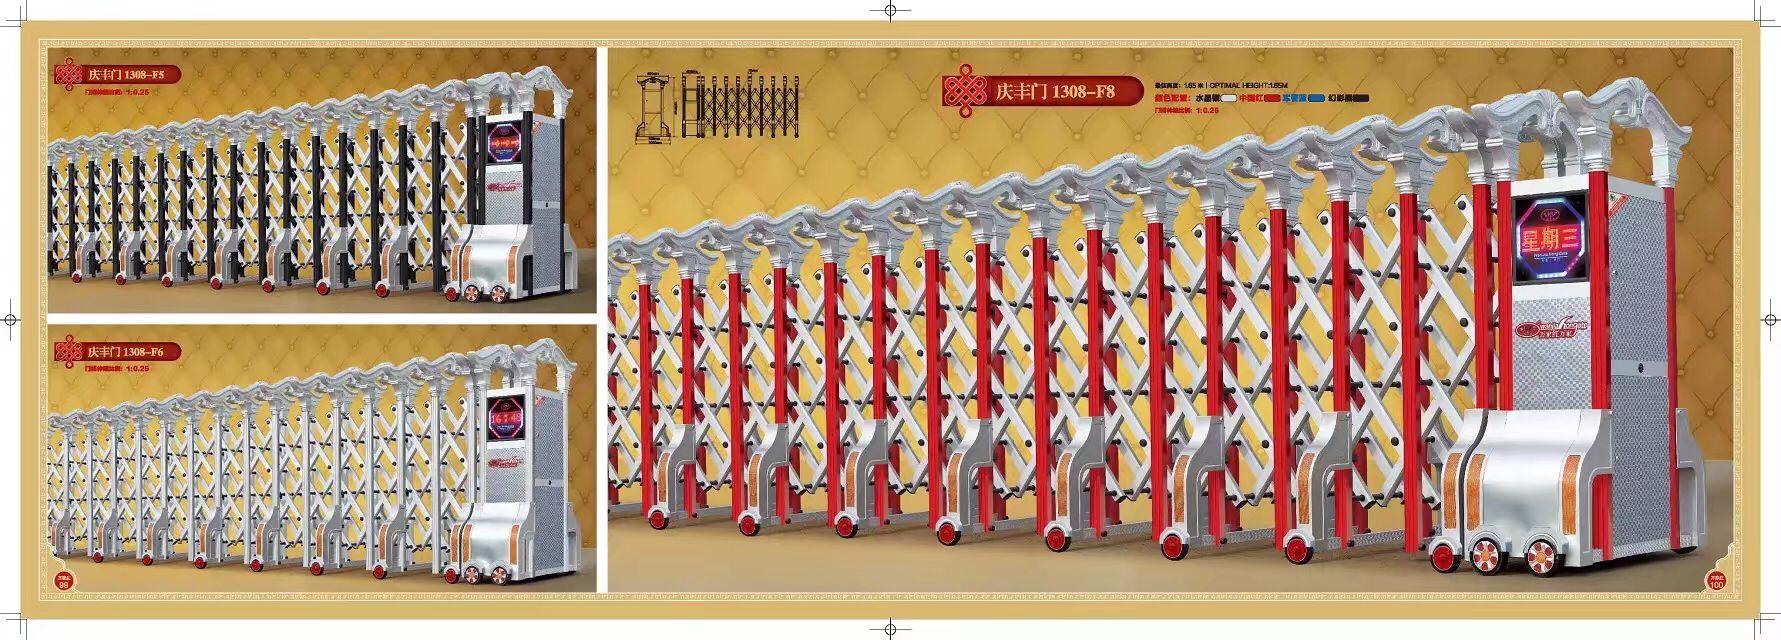 慶豐門1308-F8